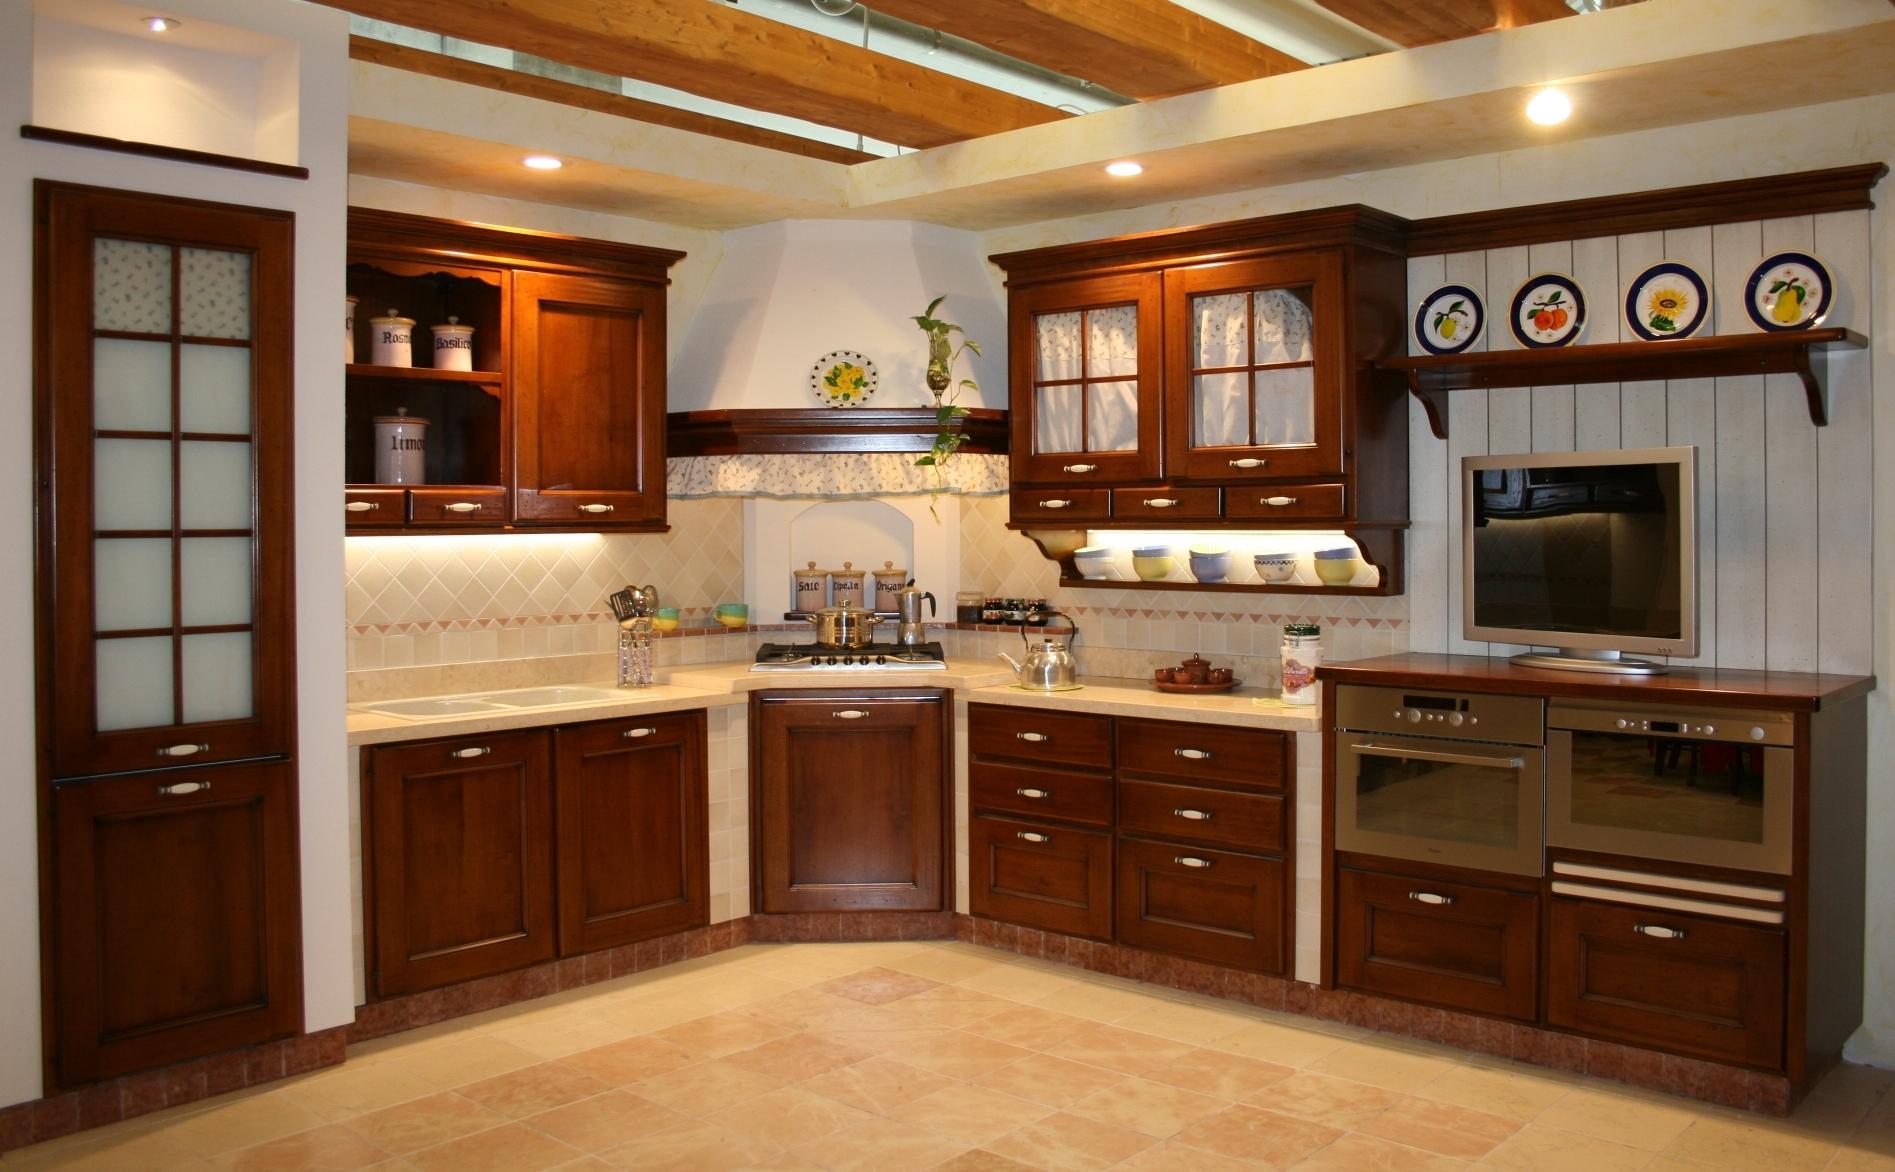 Cucine - Rivestimento cucina in muratura ...